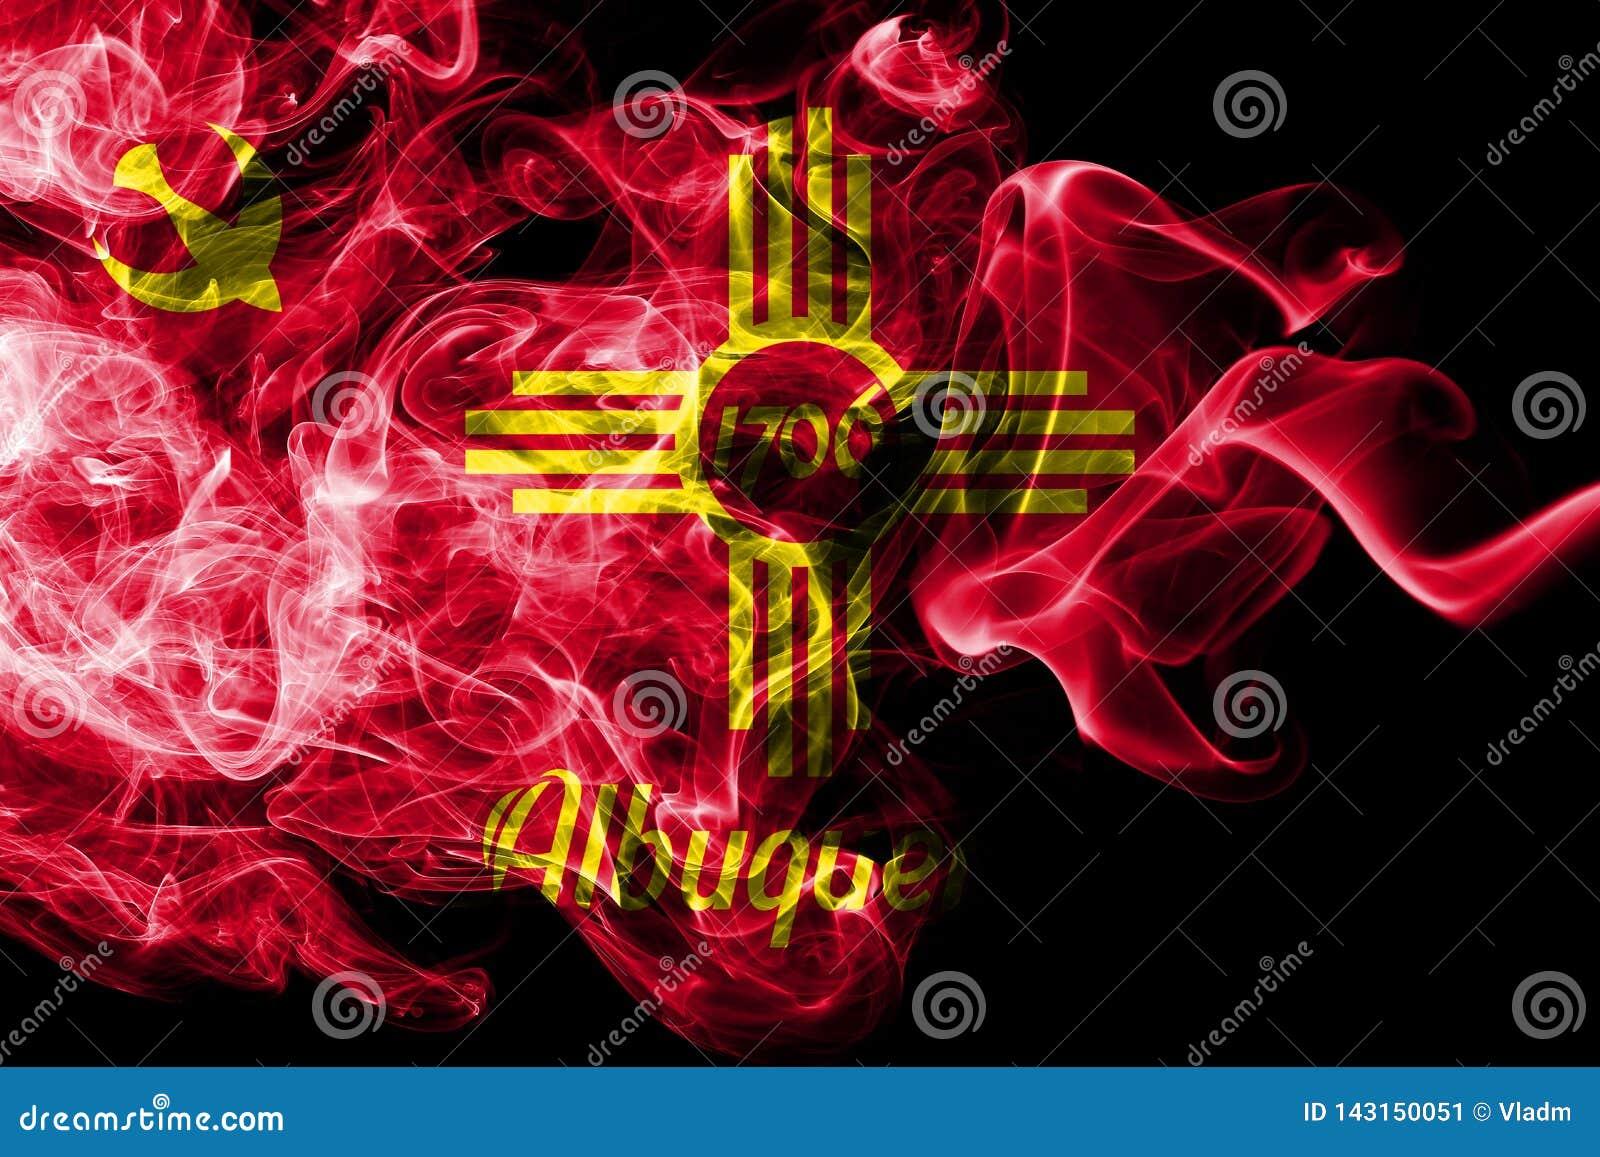 Albuquerque miasta dymu flaga, Nowa - Mexico stan, Stany Zjednoczone Ameryka